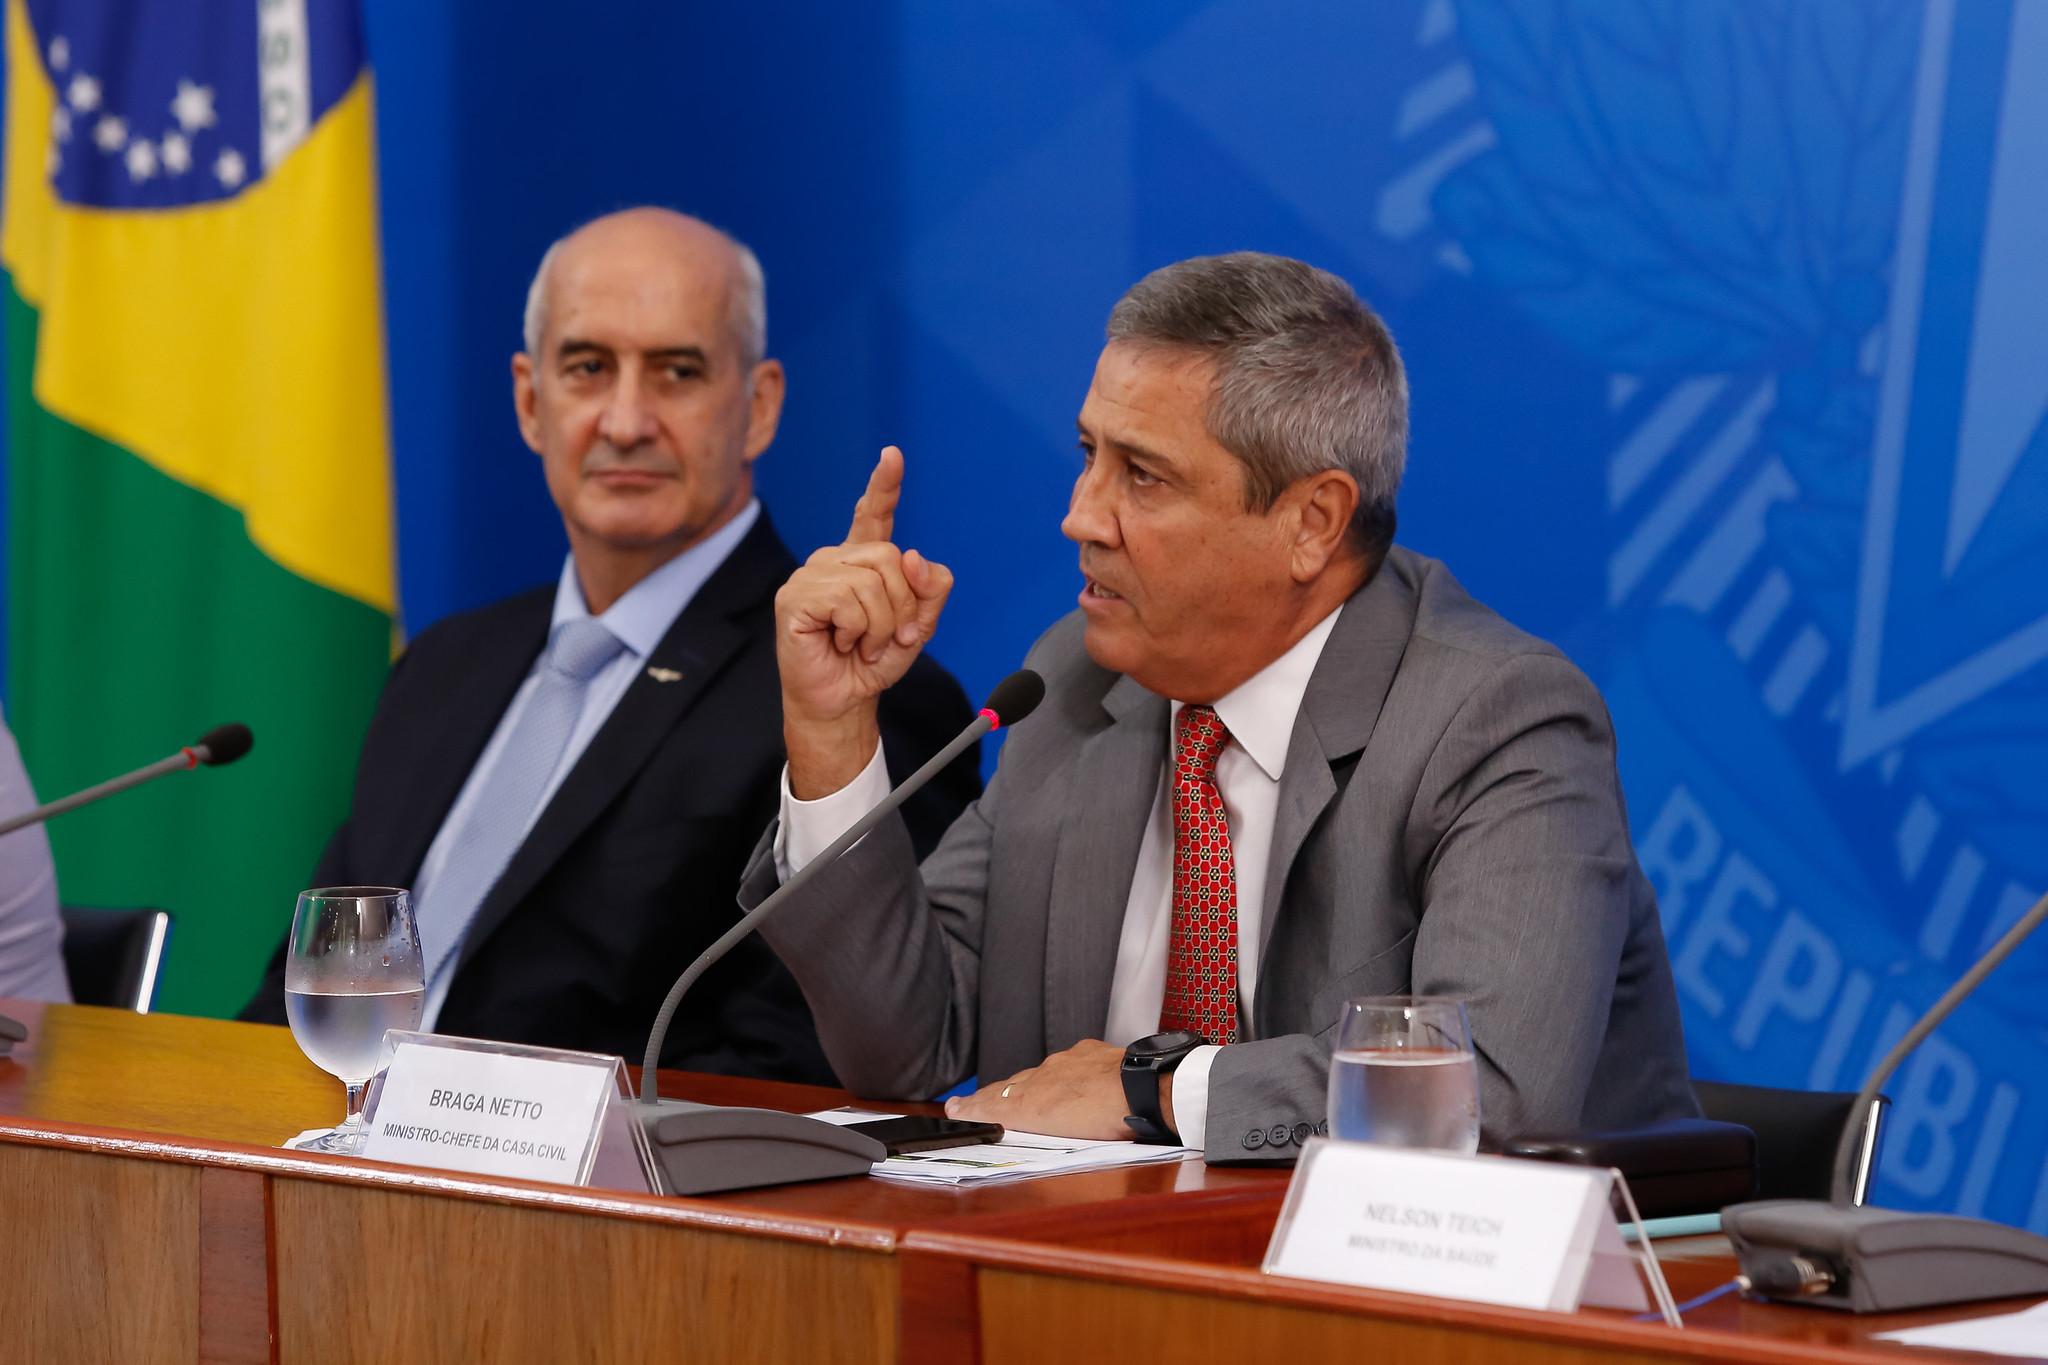 Ministro-Chefe da Secretaria de Governo, General Ramos, e o Ministro-Chefe da Casa Civil, Braga Neto, no lançamento do programa pró-Brasil. Foto: Anderson Riedel/PR